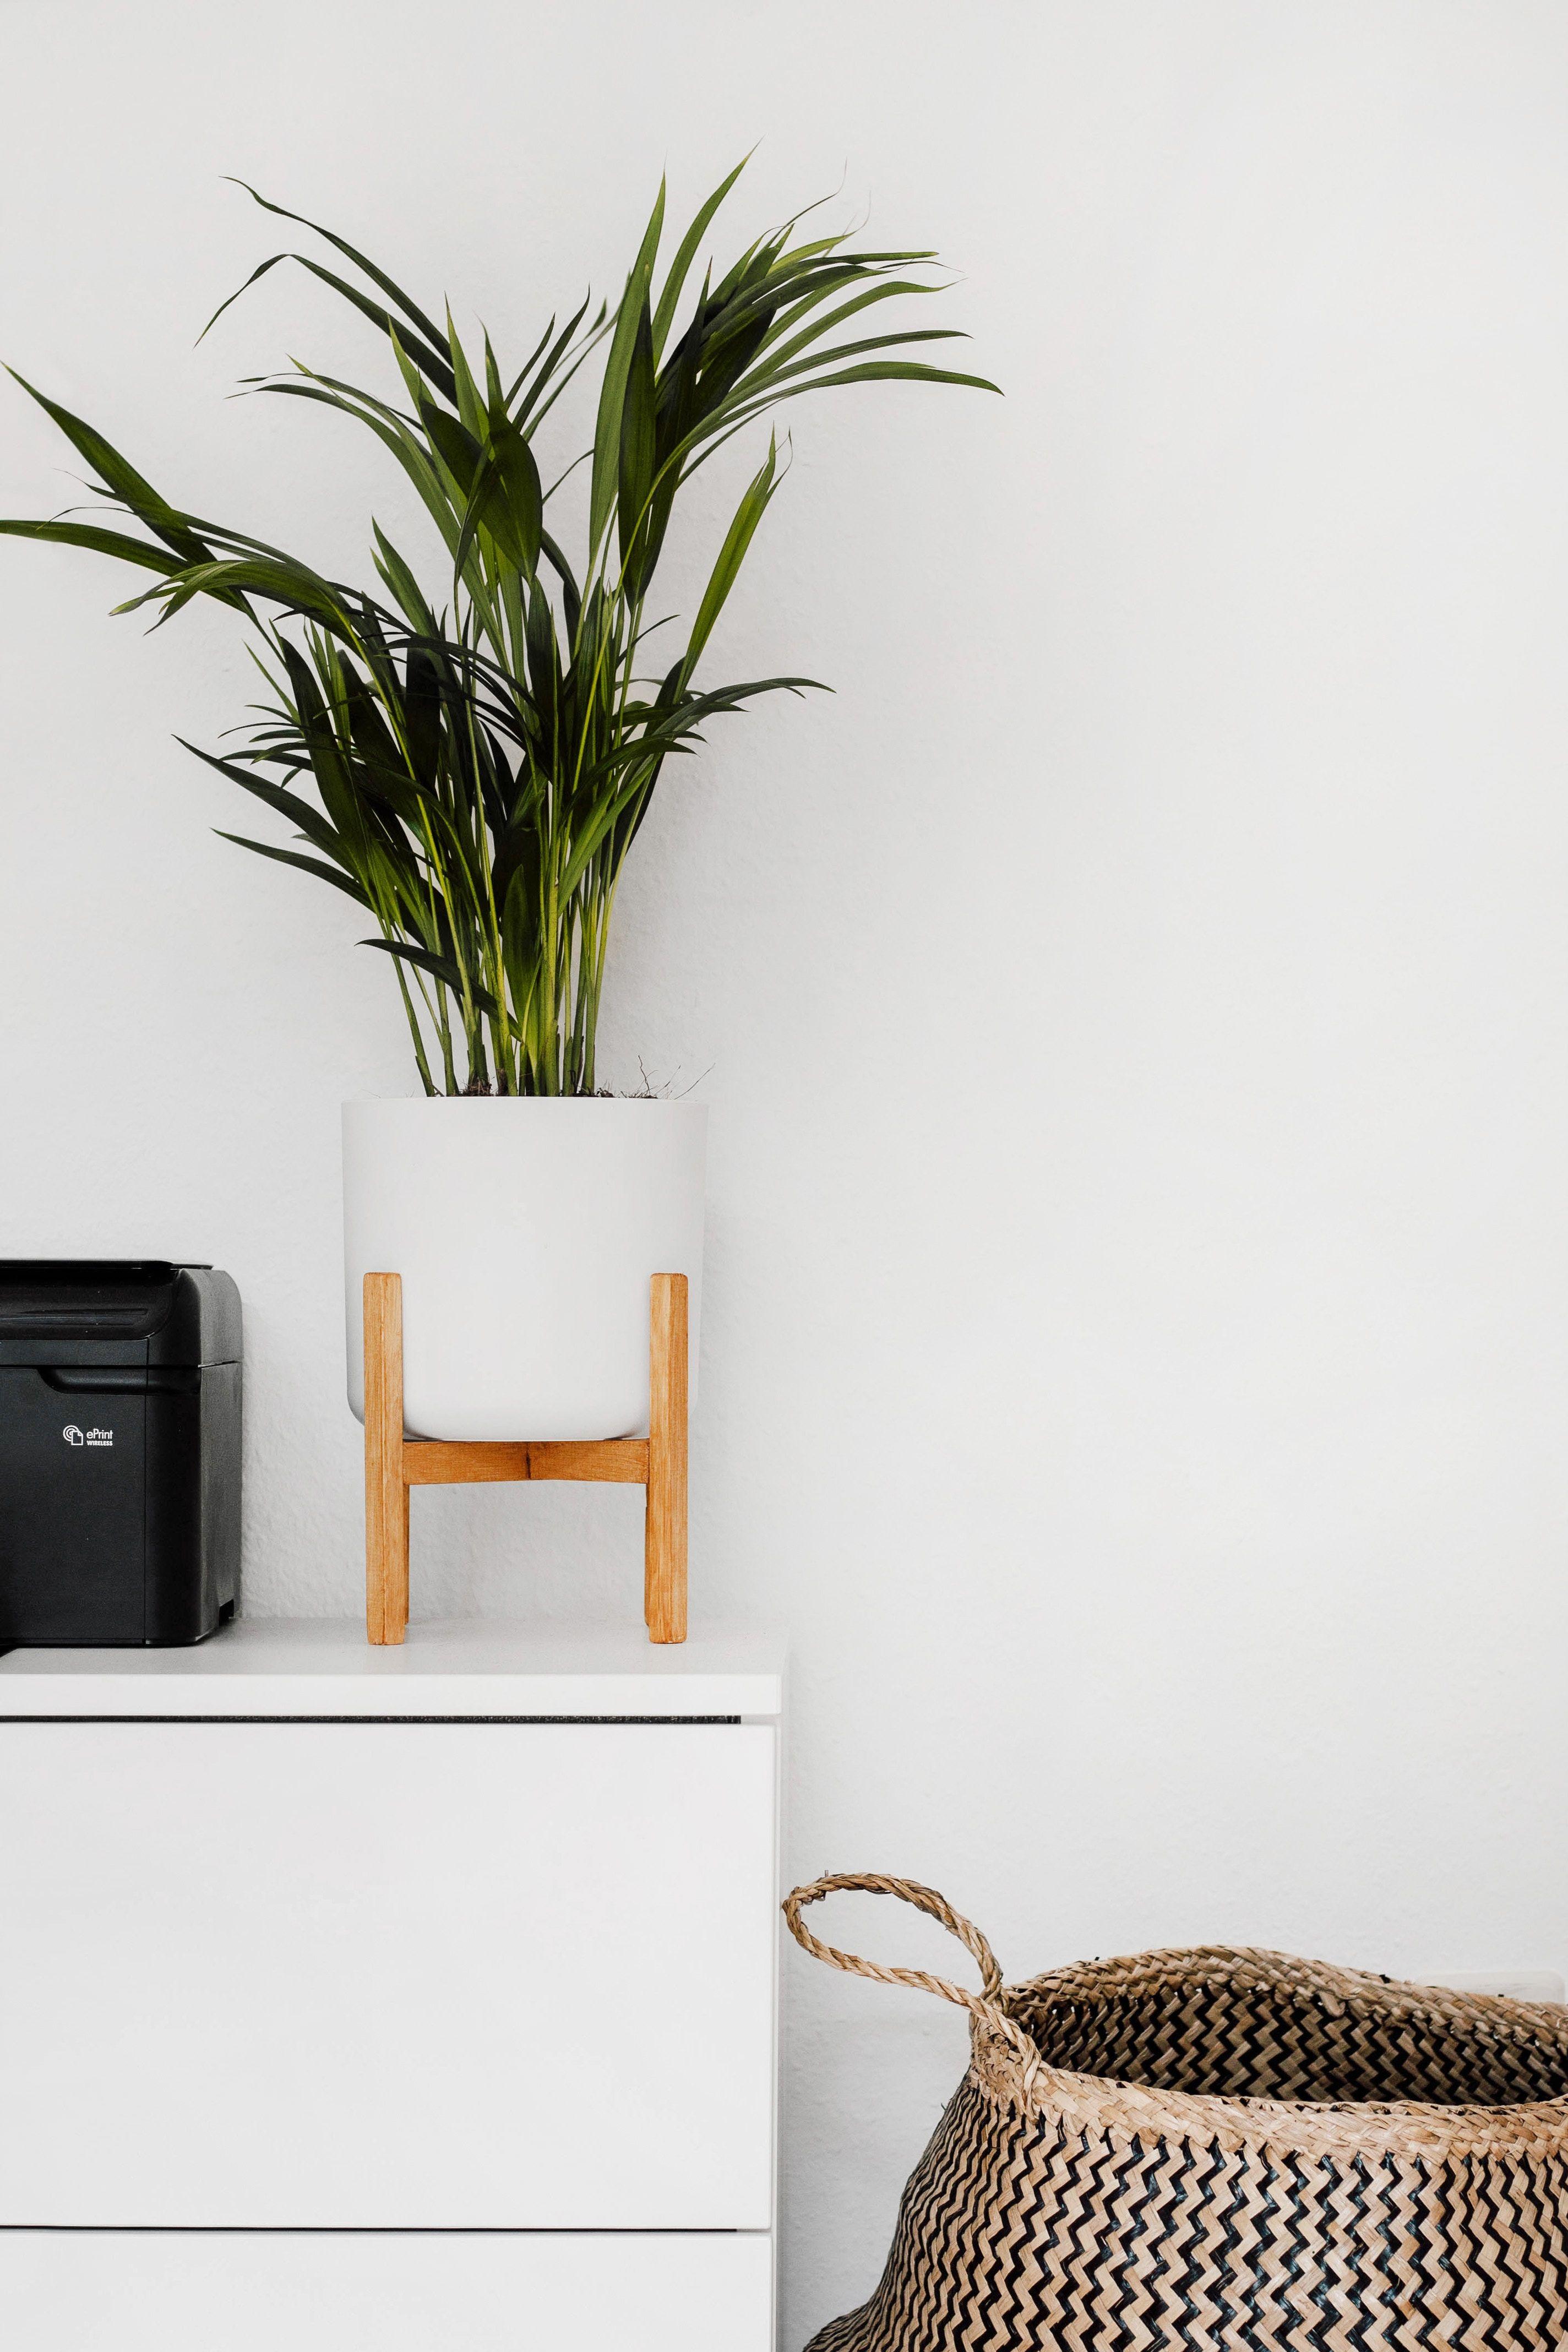 simplicité et élégance pour ce joli cache pot bois et blanc et sa